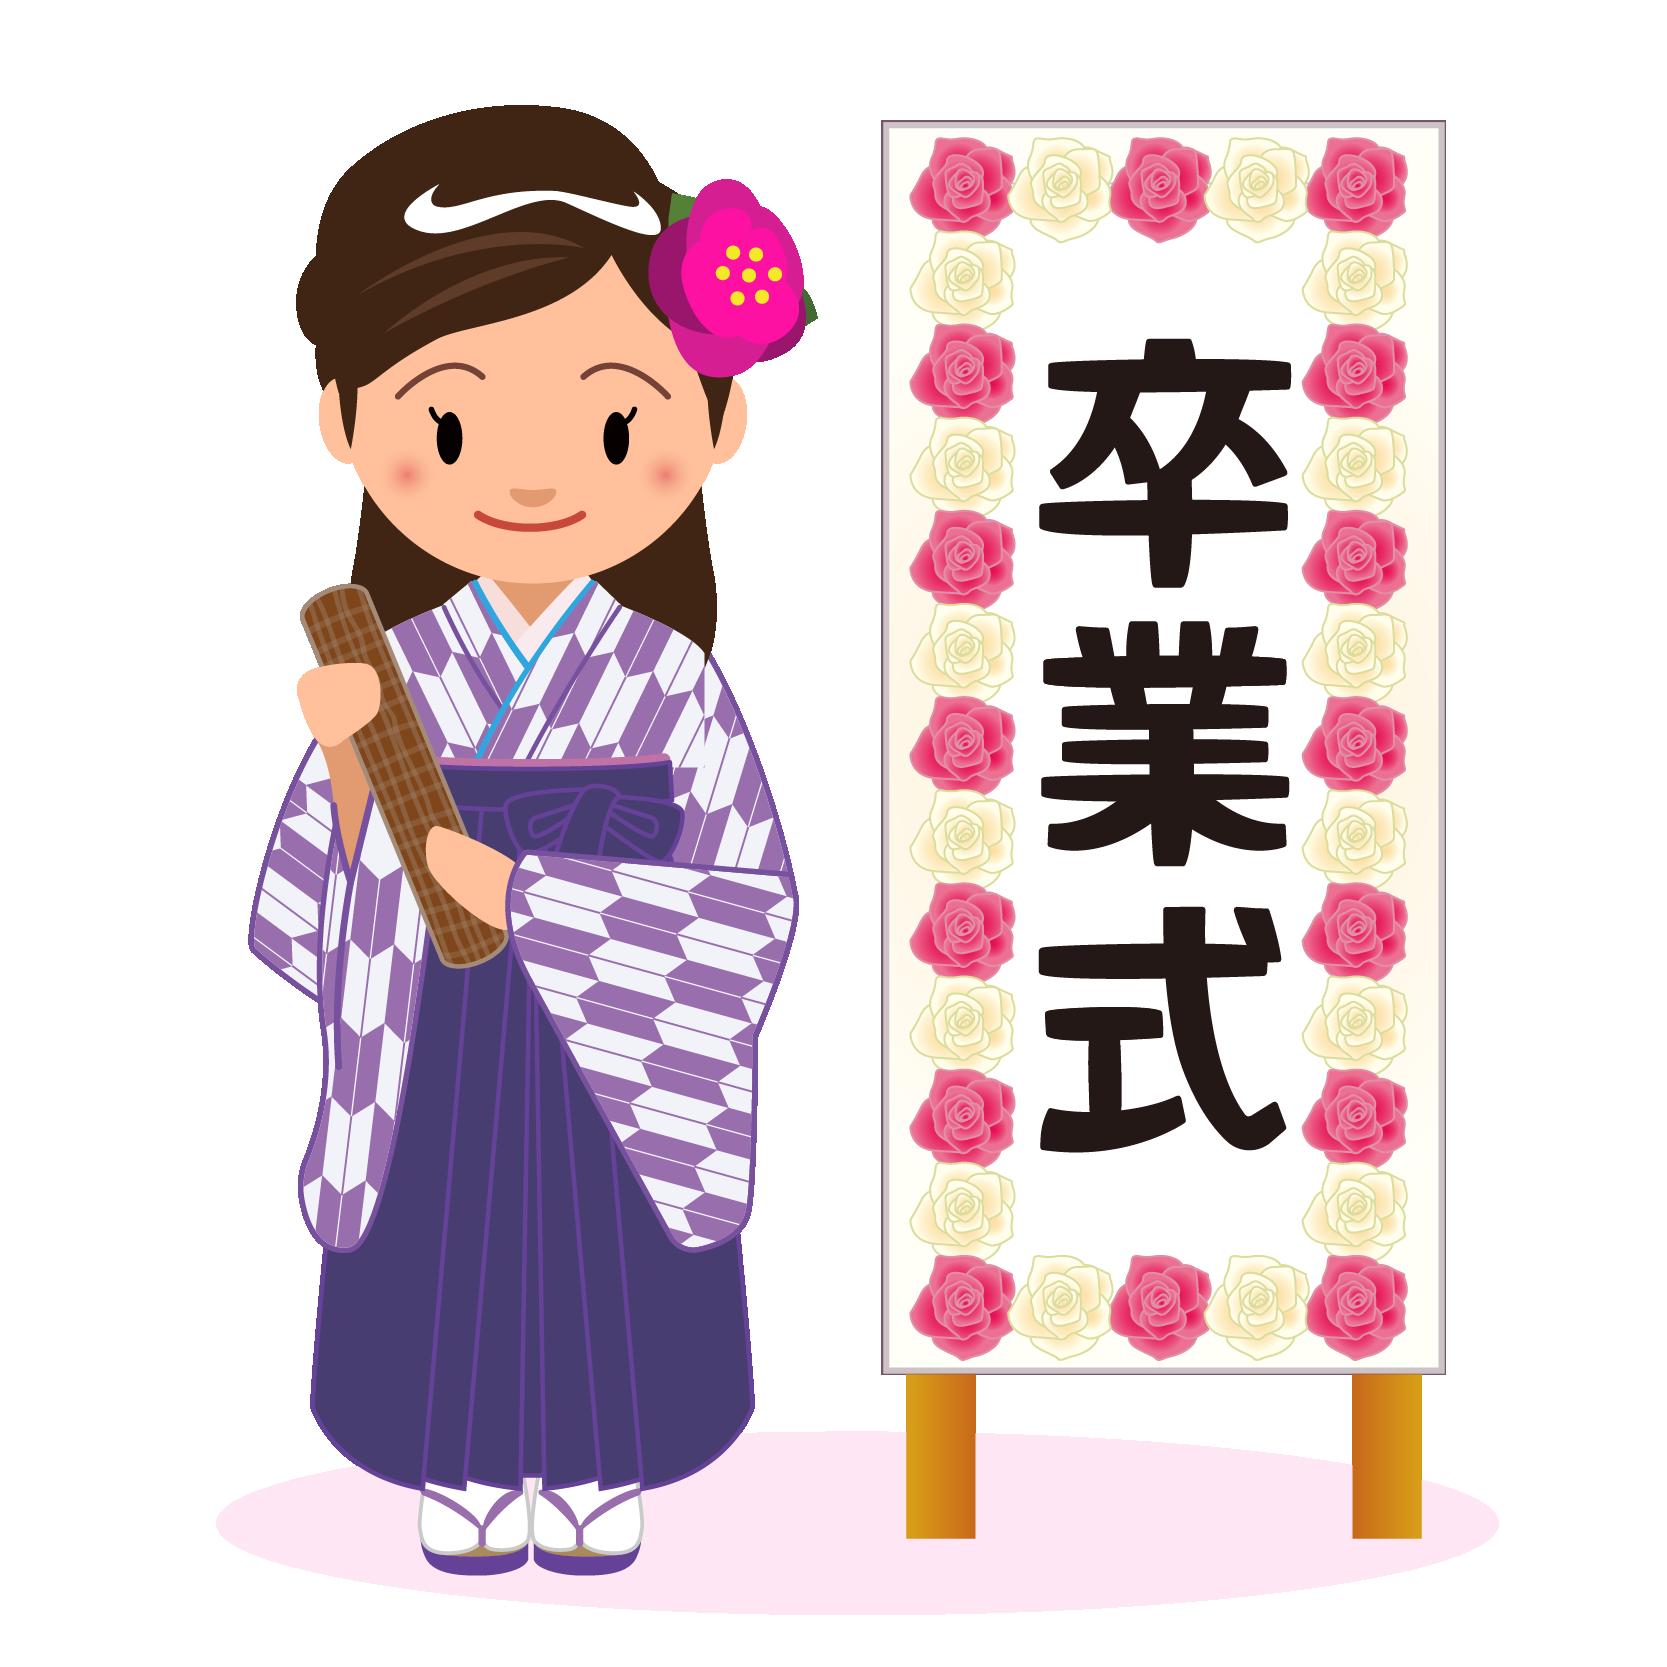 商用フリー・無料イラスト_大学卒業式_袴姿の女の子_矢絣_紫_sotsugyo011